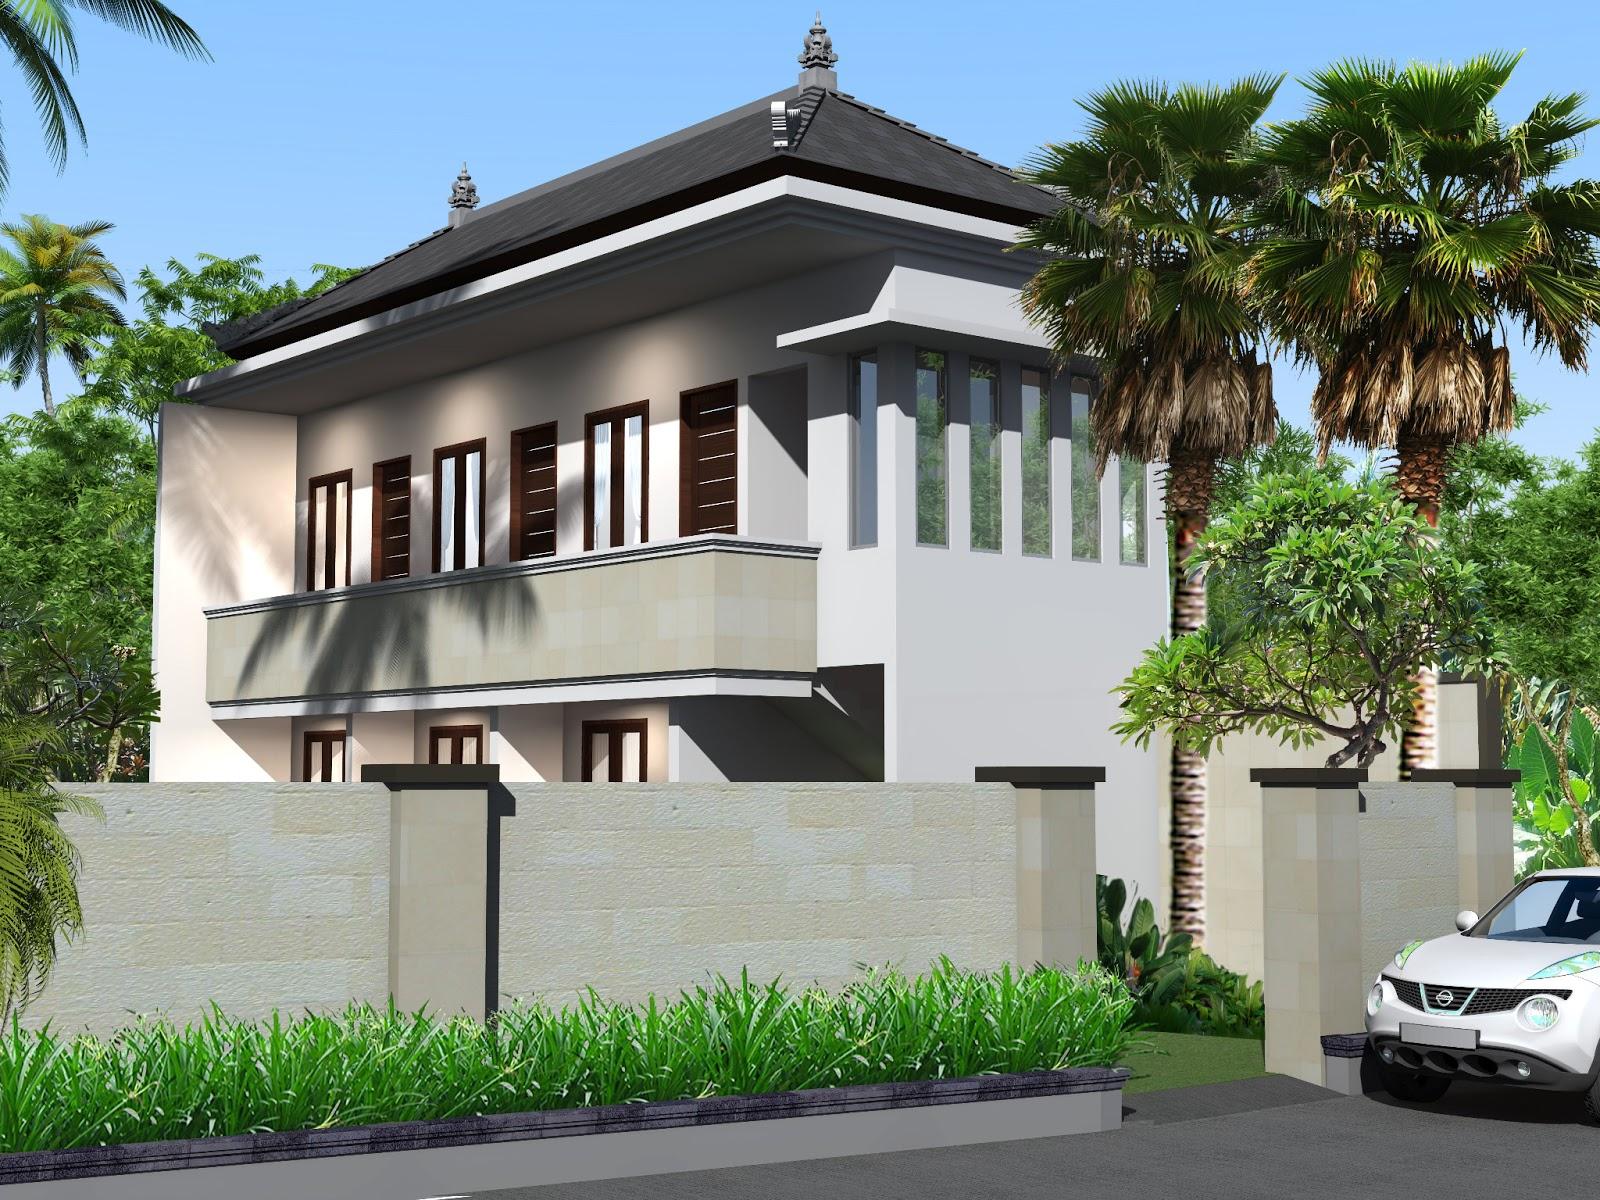 Gambar 3 Dimensi Rumah Kos-Kosan Jalan Gunung Talang